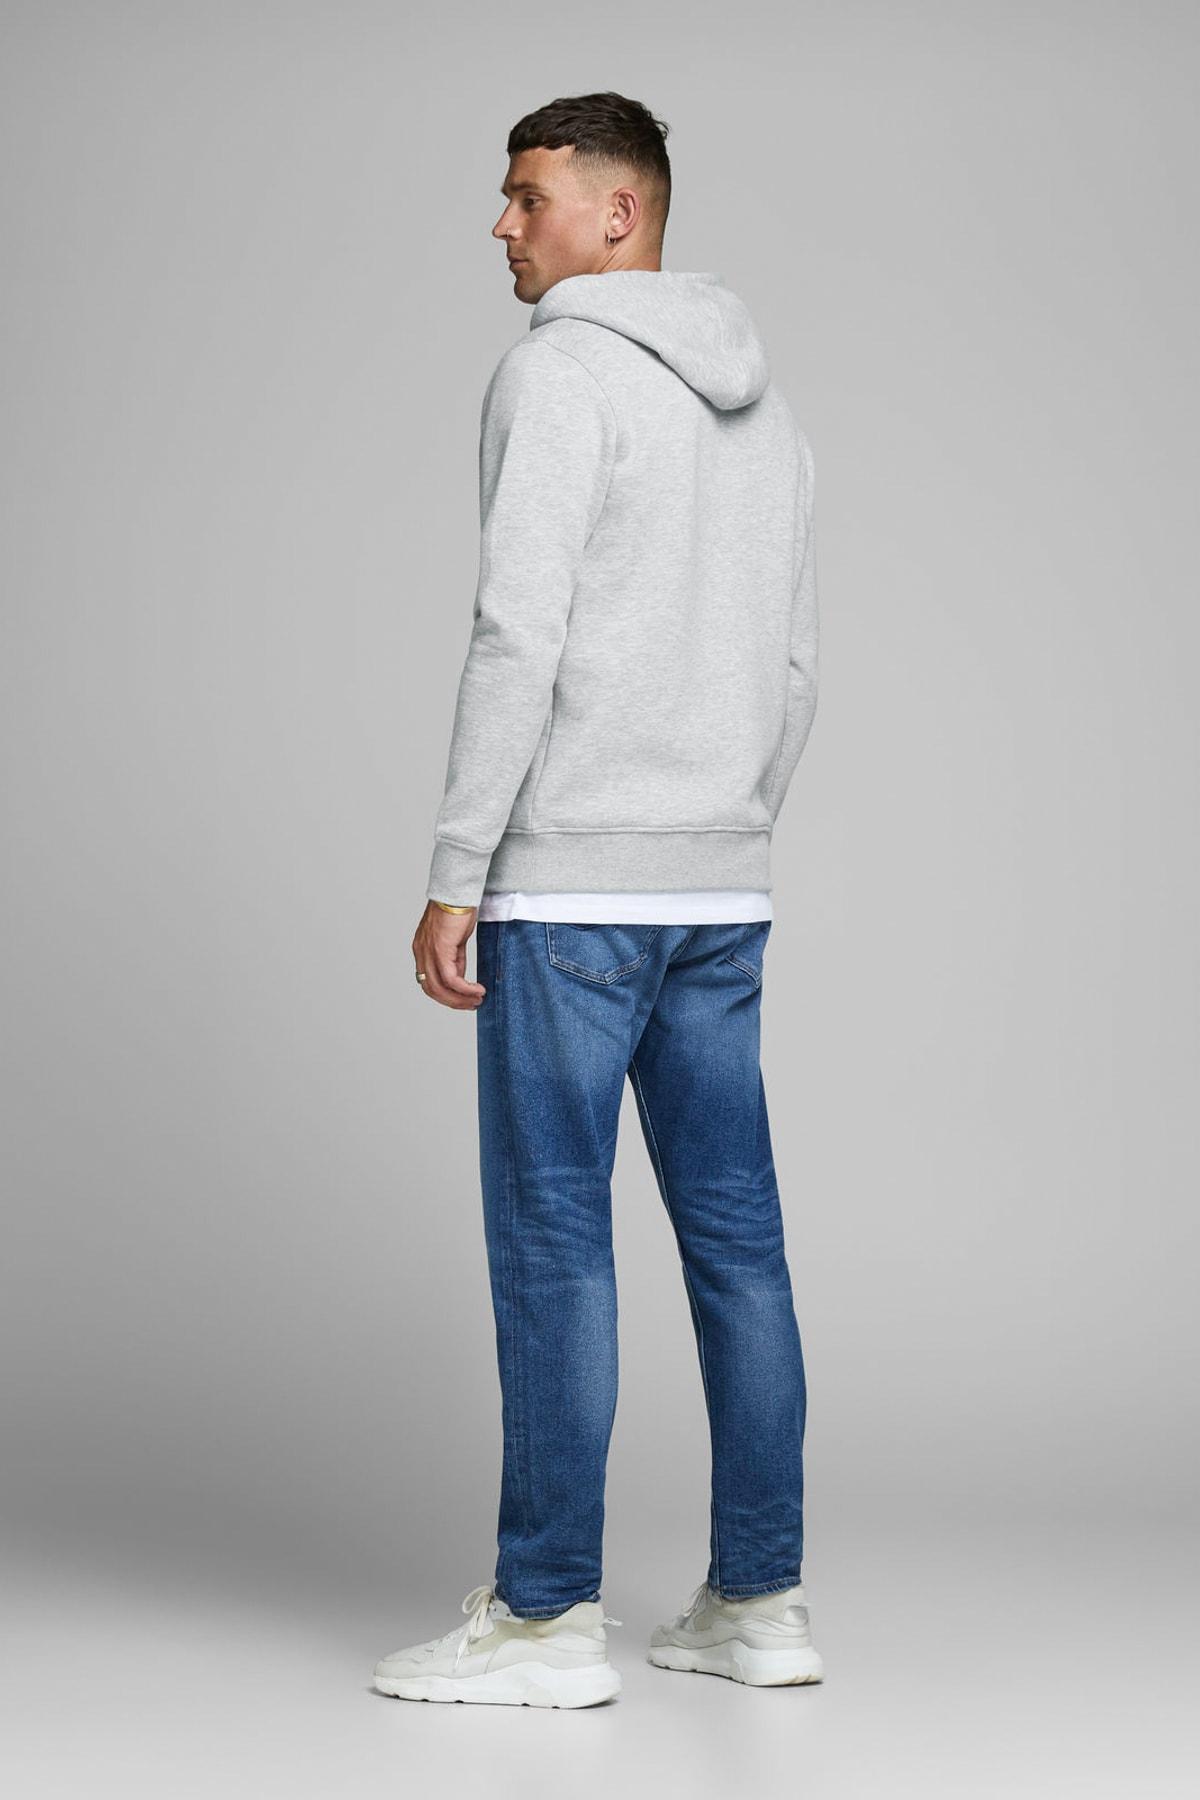 Jack & Jones Sweatshirt - Booster Core Sweat Hood 12165093 2